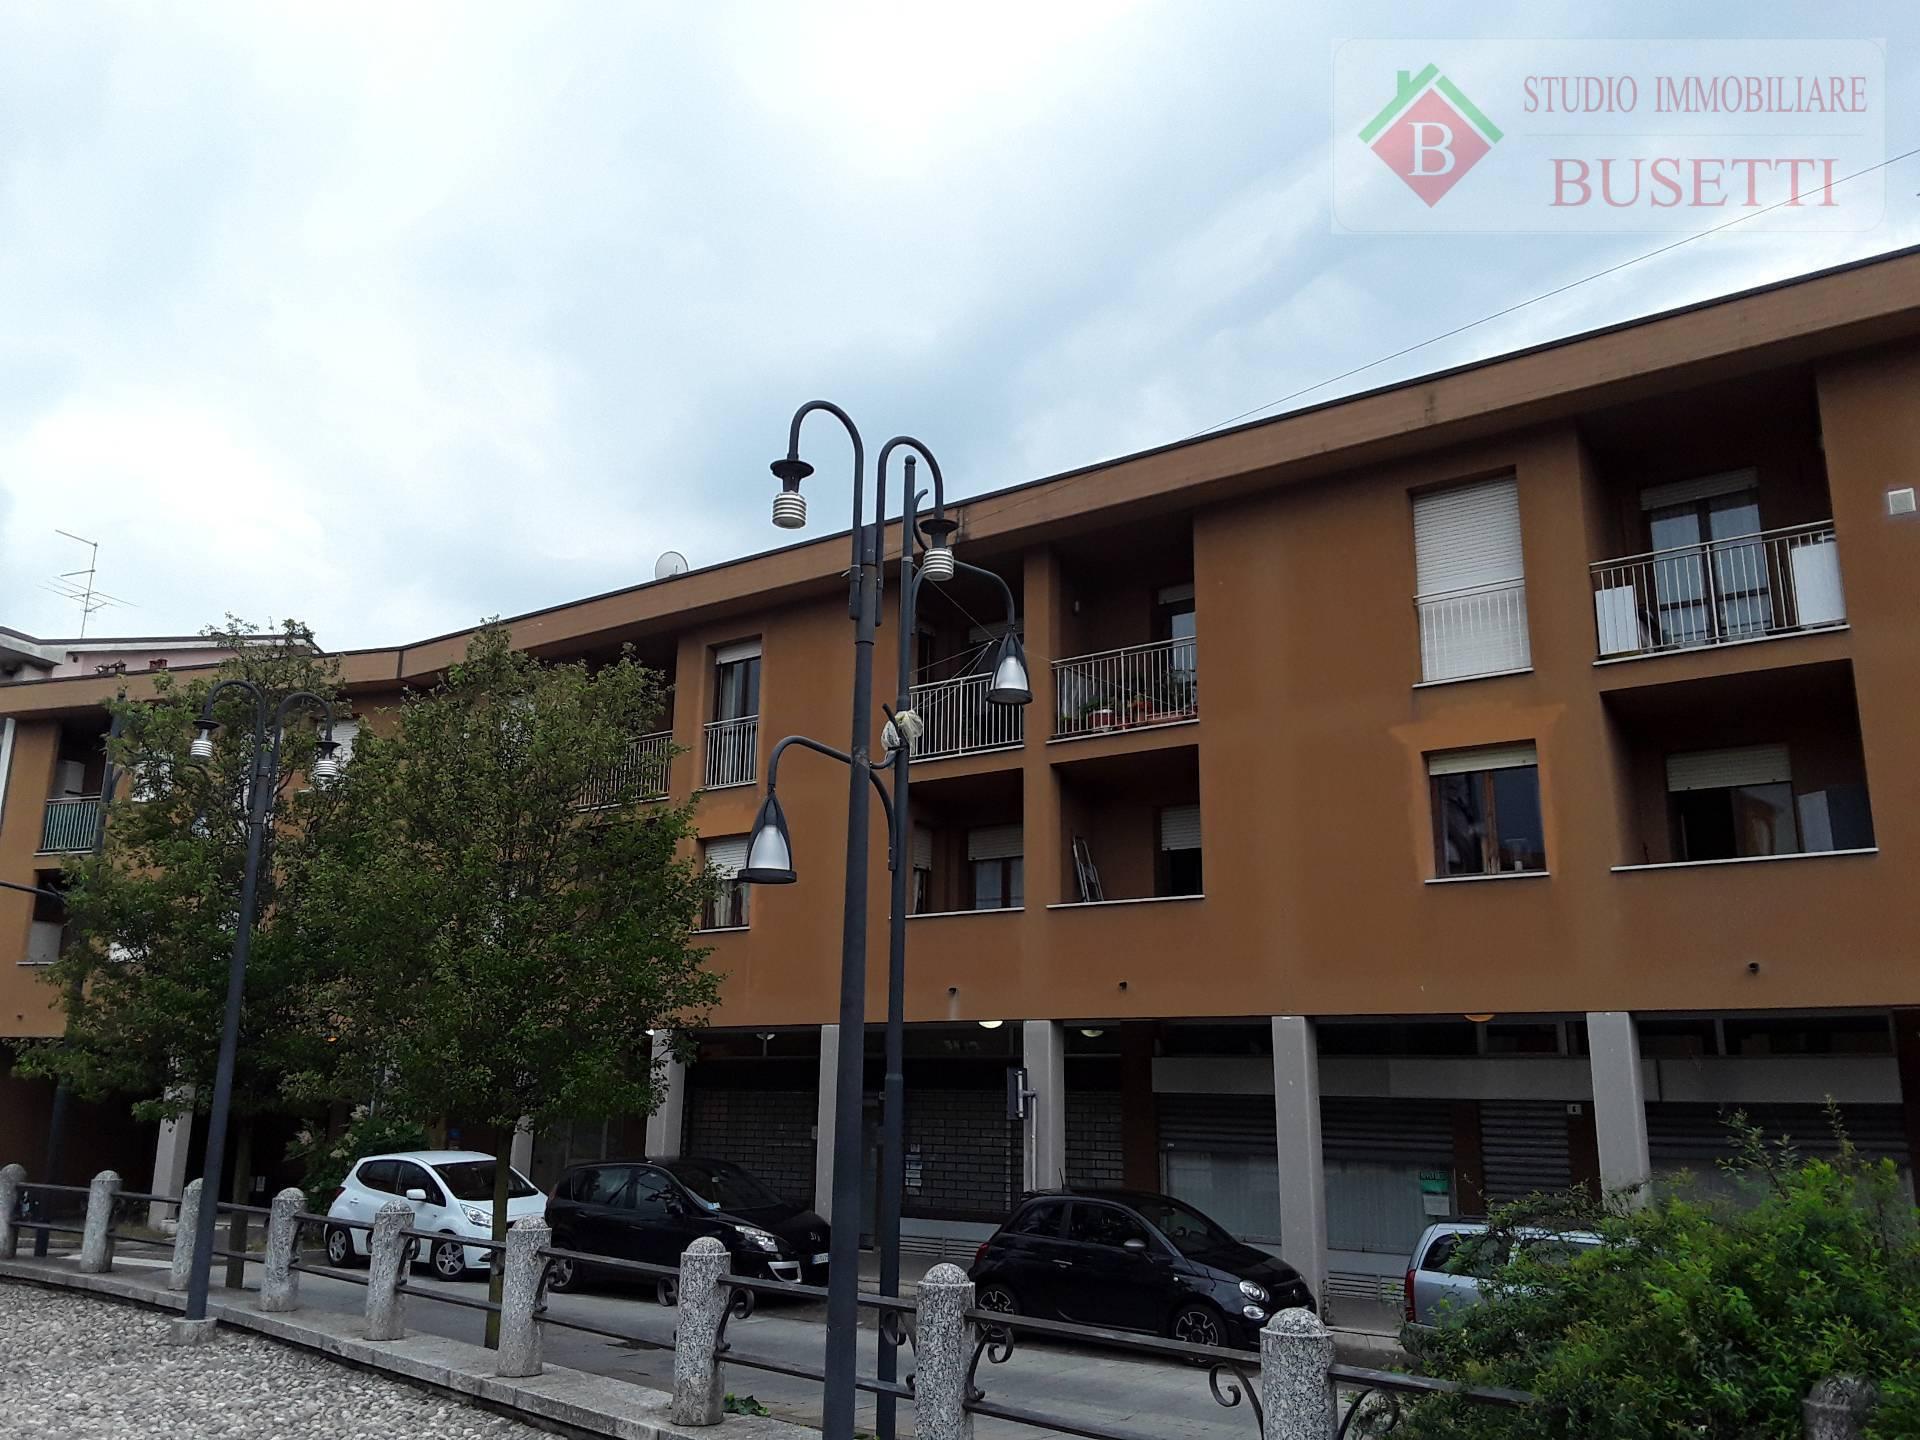 Appartamento in vendita a Mozzate, 4 locali, prezzo € 138.000 | PortaleAgenzieImmobiliari.it